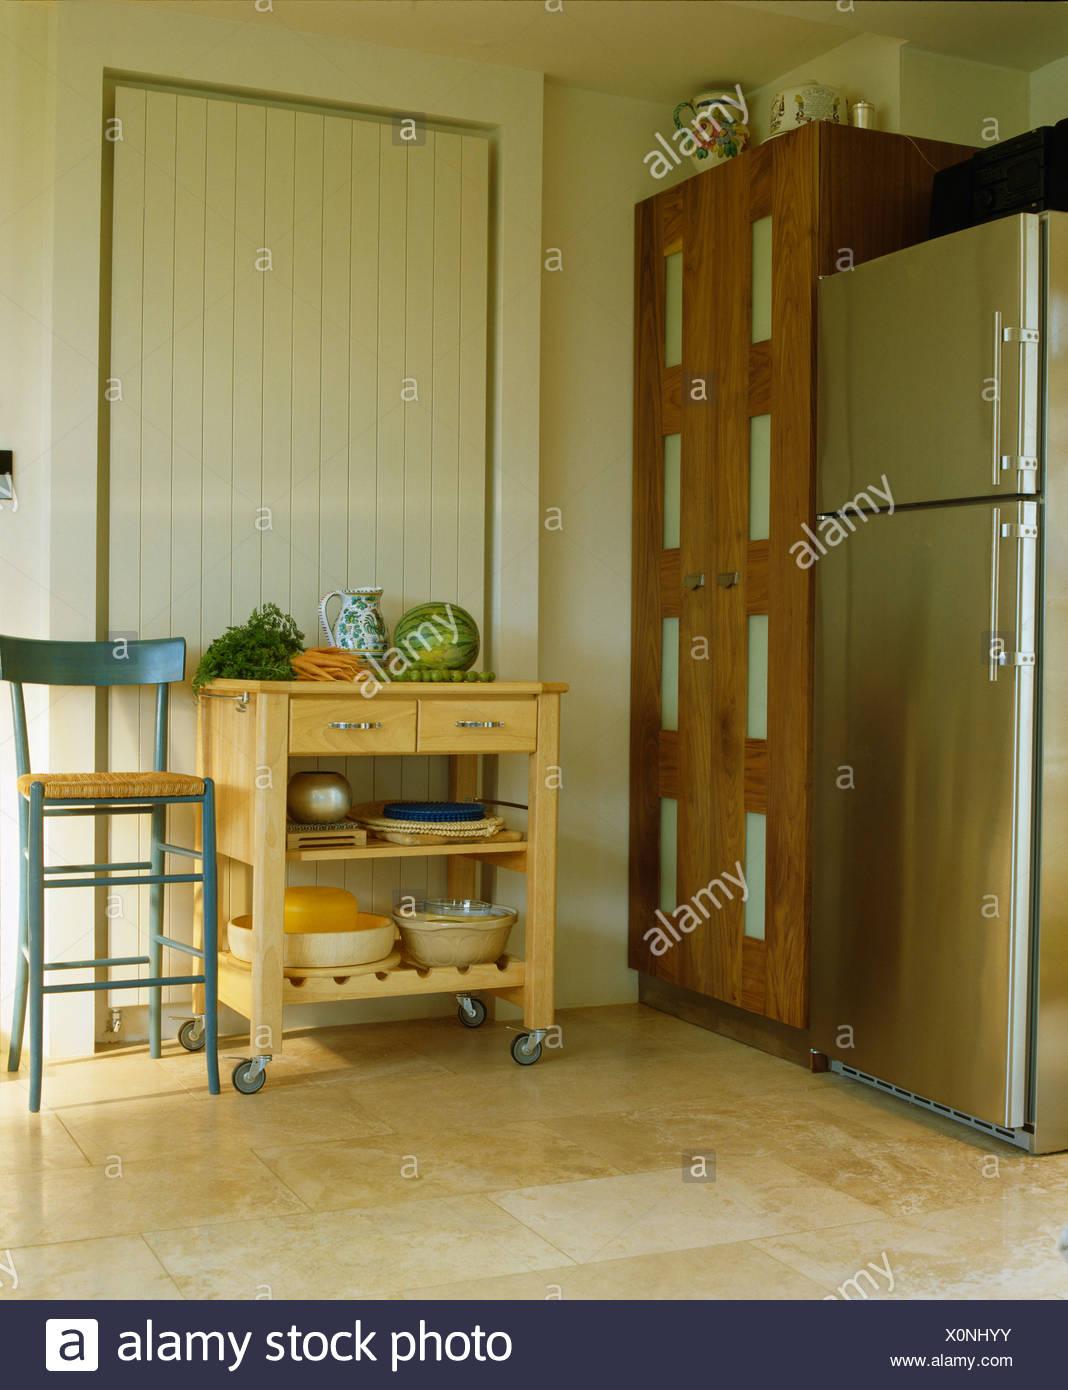 Ausgezeichnet Edelstahl Kücheninsel Wagen Fotos - Ideen Für Die ...